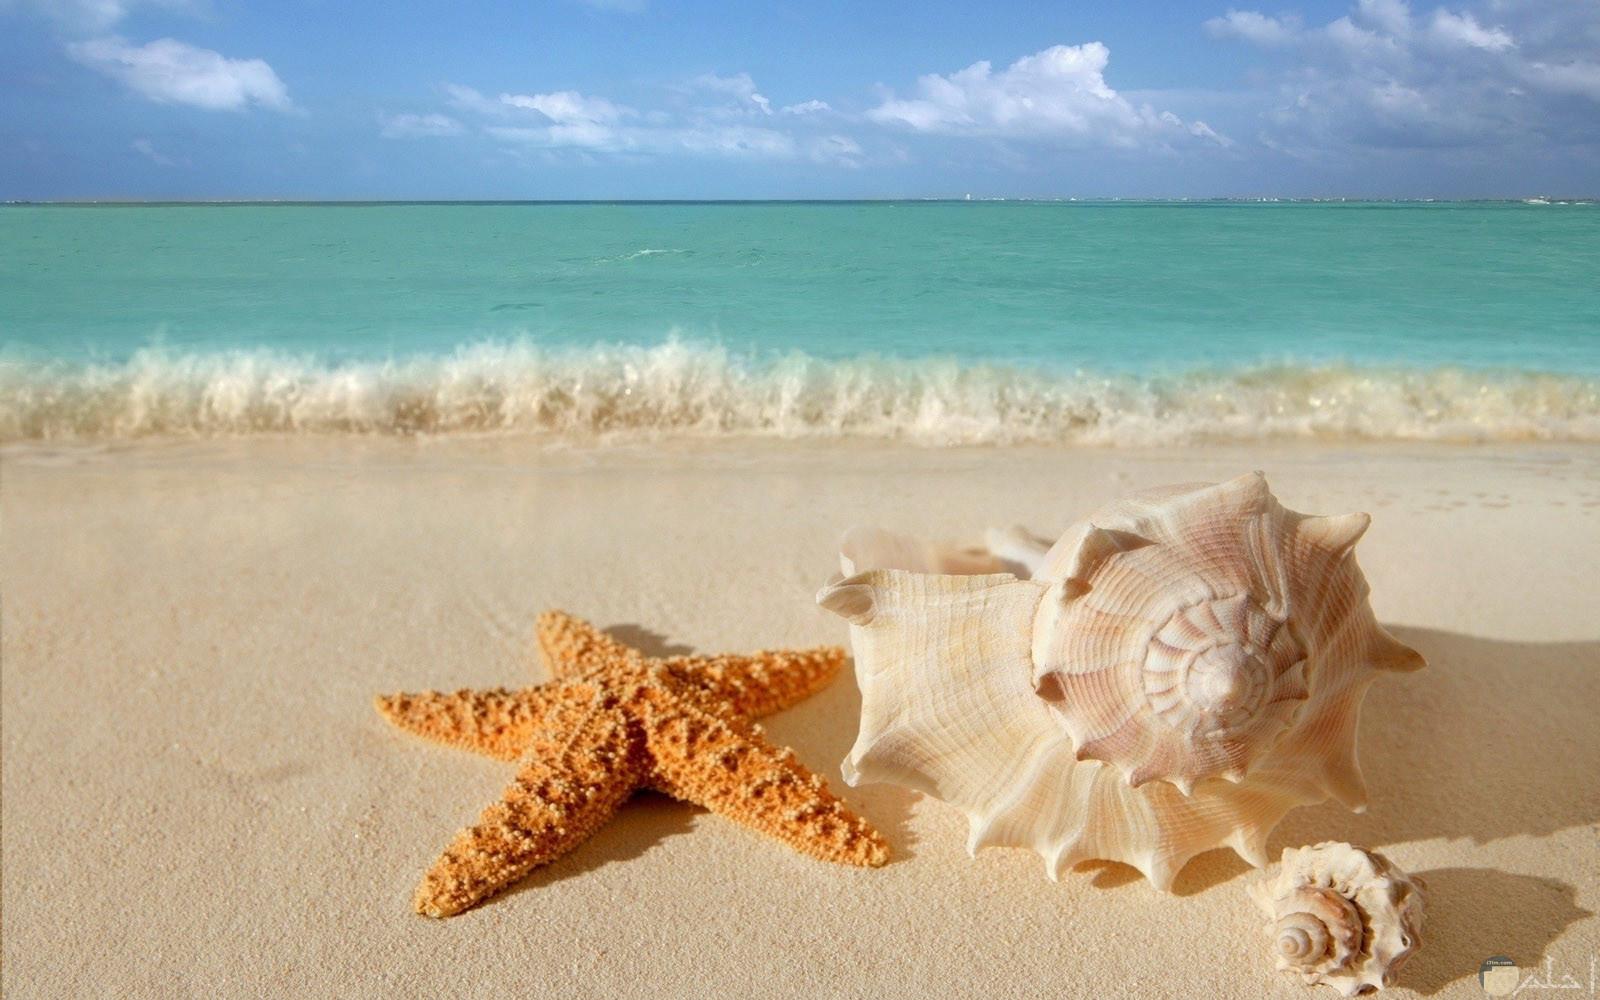 نجم البحر وقوقع على شاطئ بحر